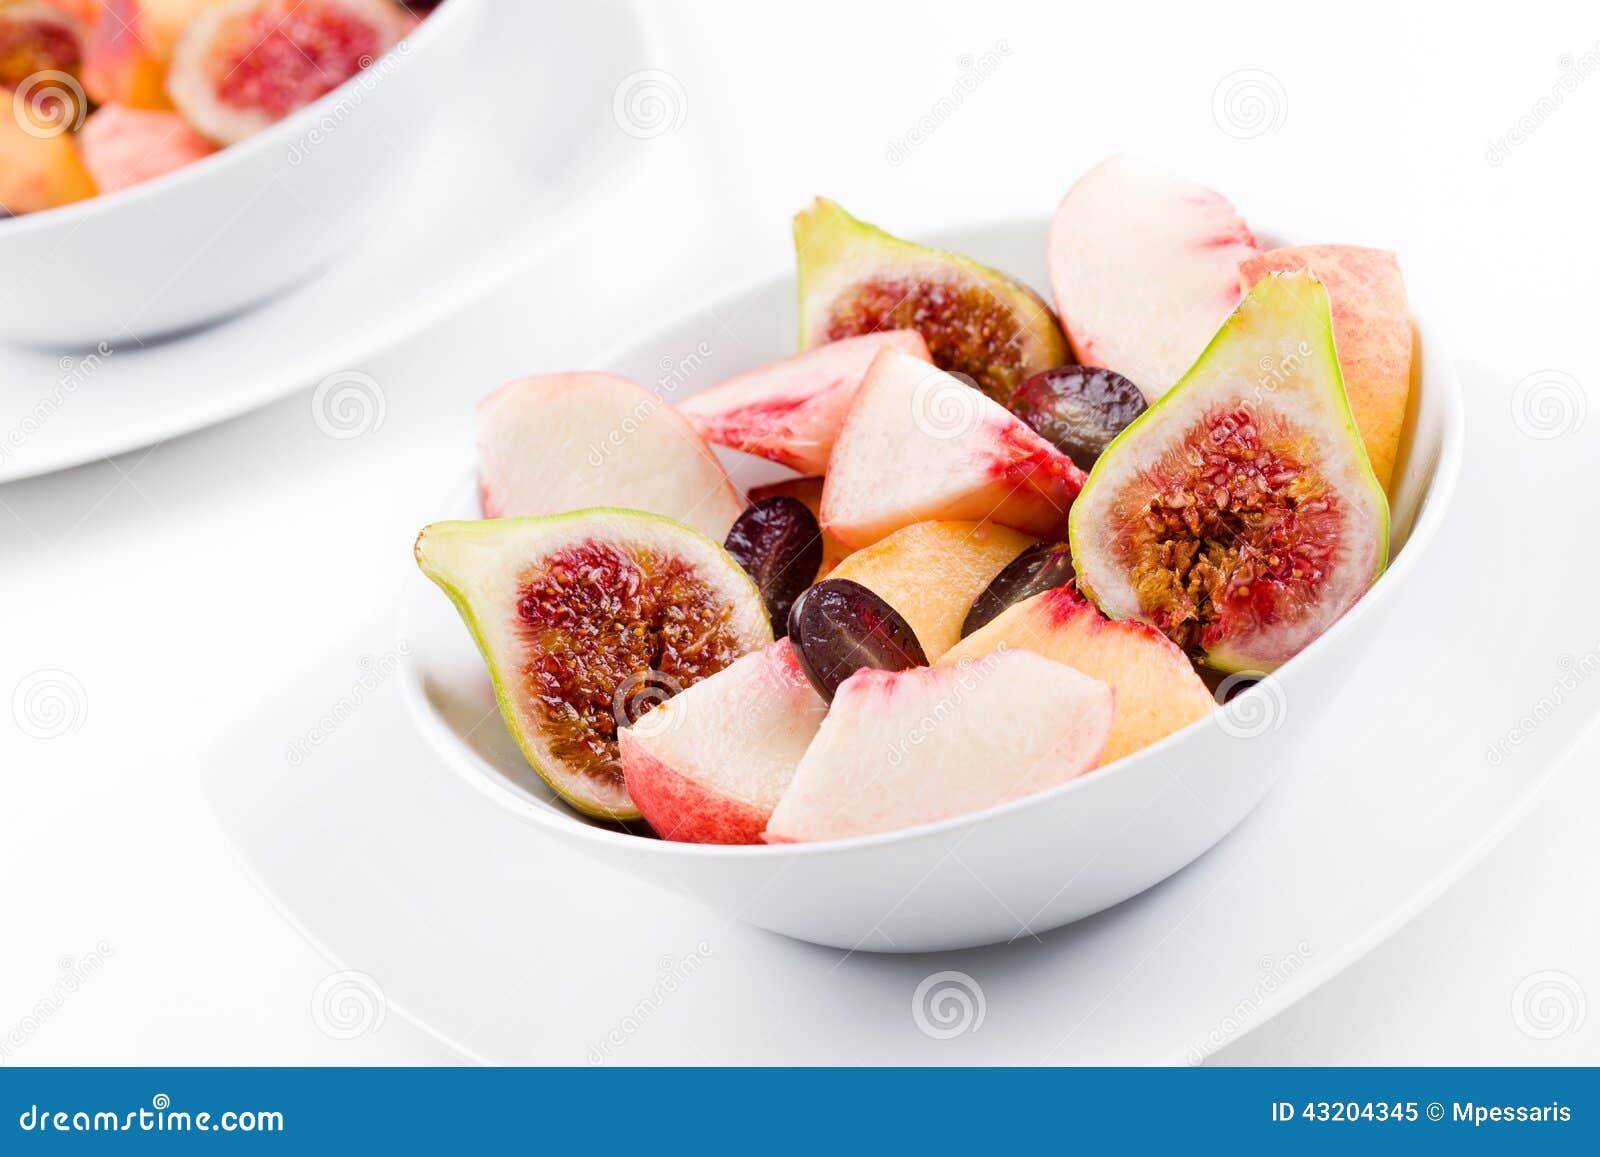 Download Ny fruktsallad fotografering för bildbyråer. Bild av sallad - 43204345